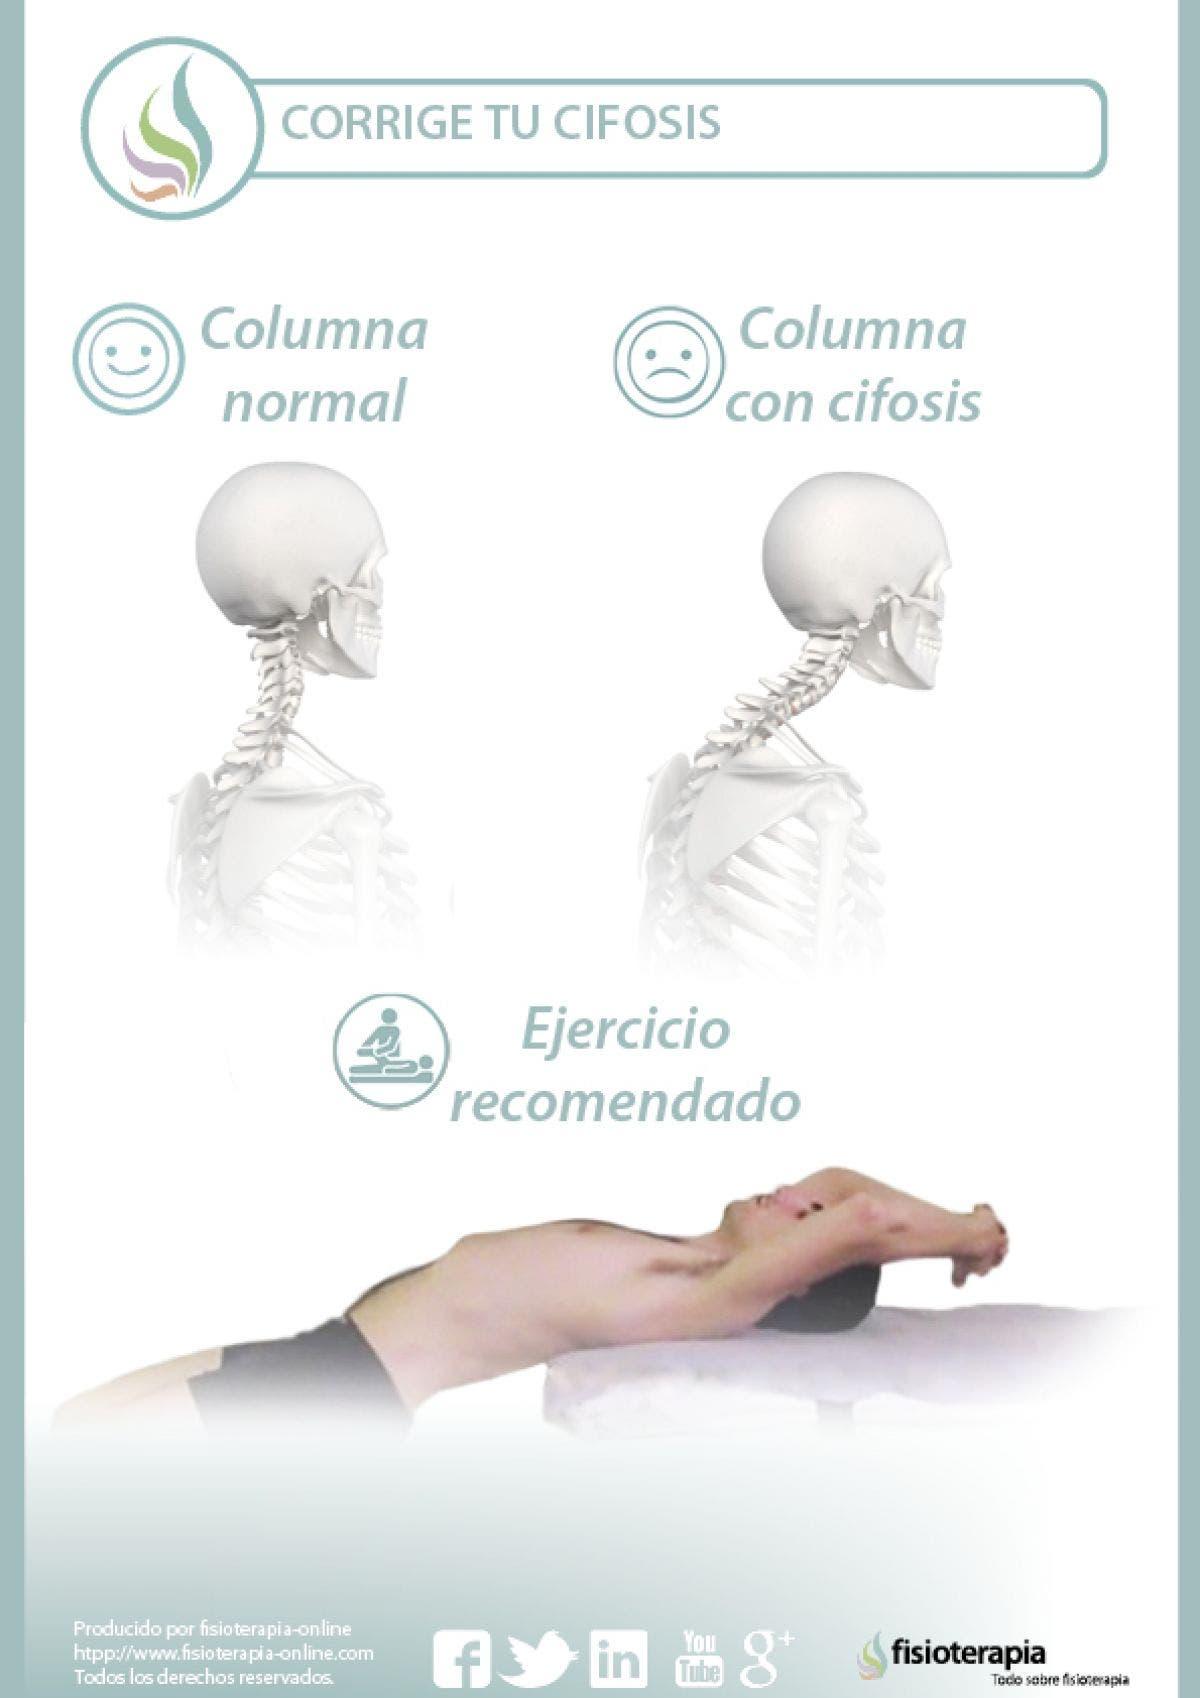 ejercicio para evitar la cifosis dorsal